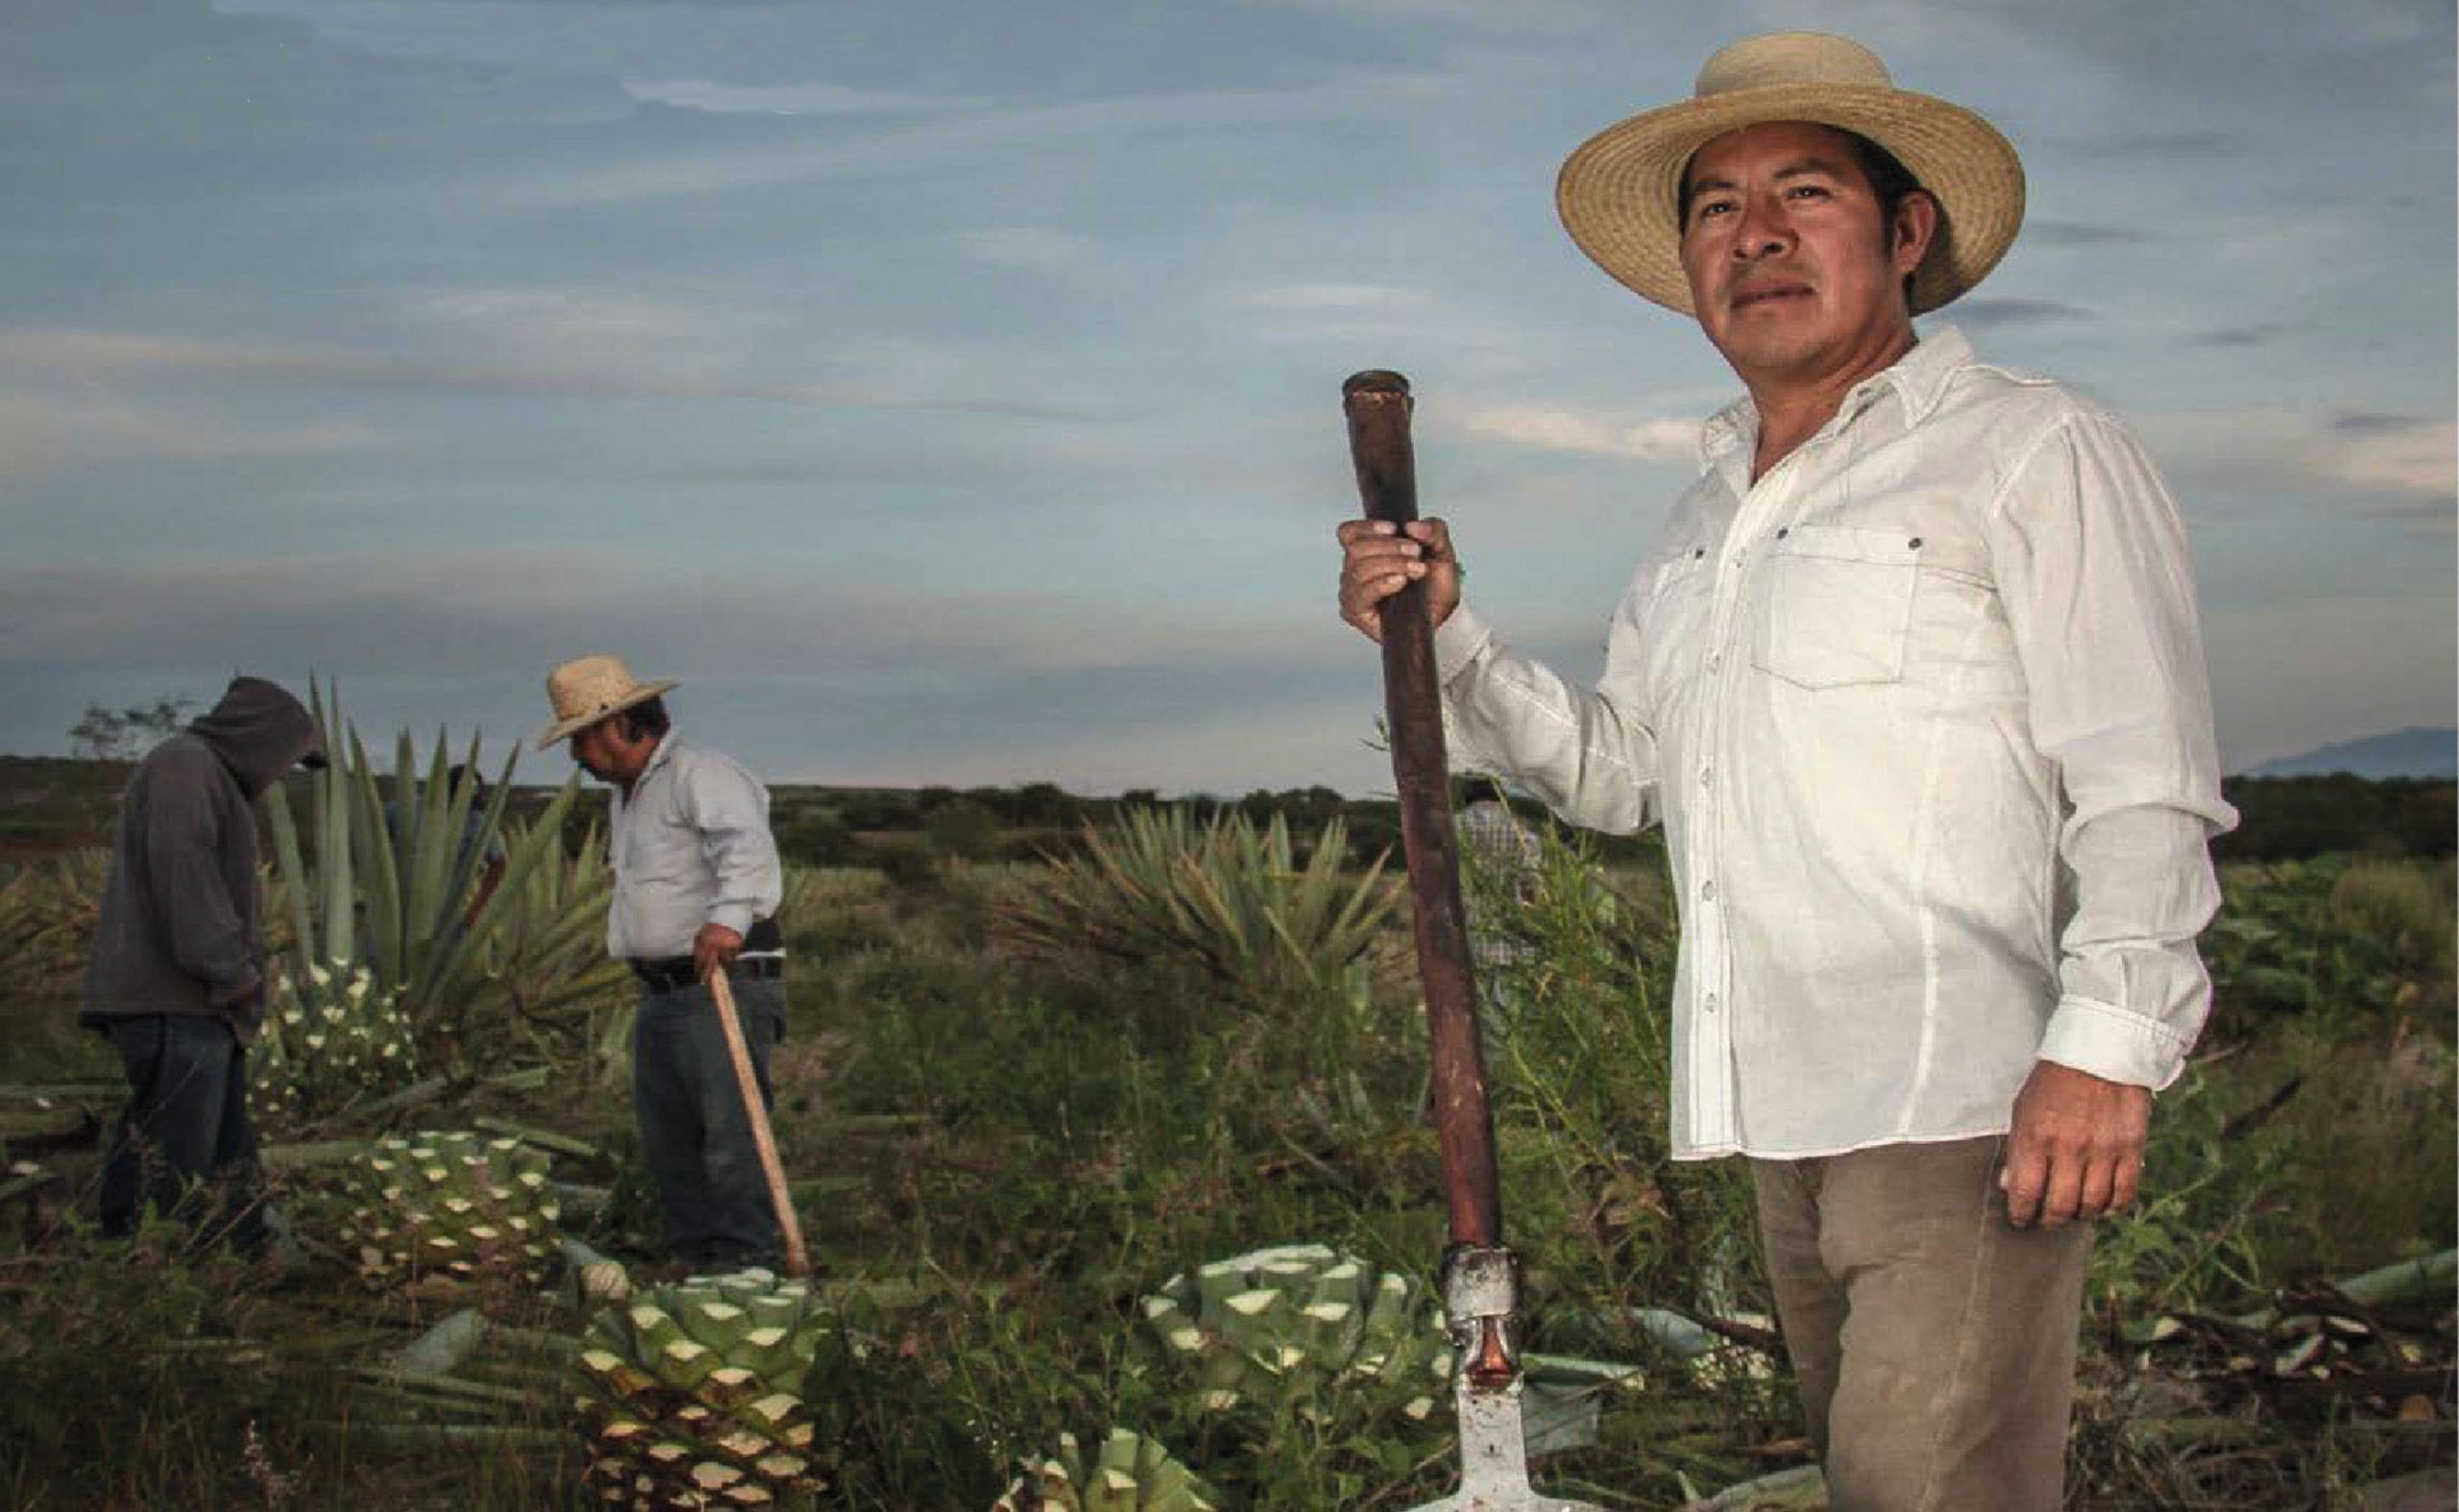 image of Sagrada Mezcal Bottle held in hand overlooking Fields